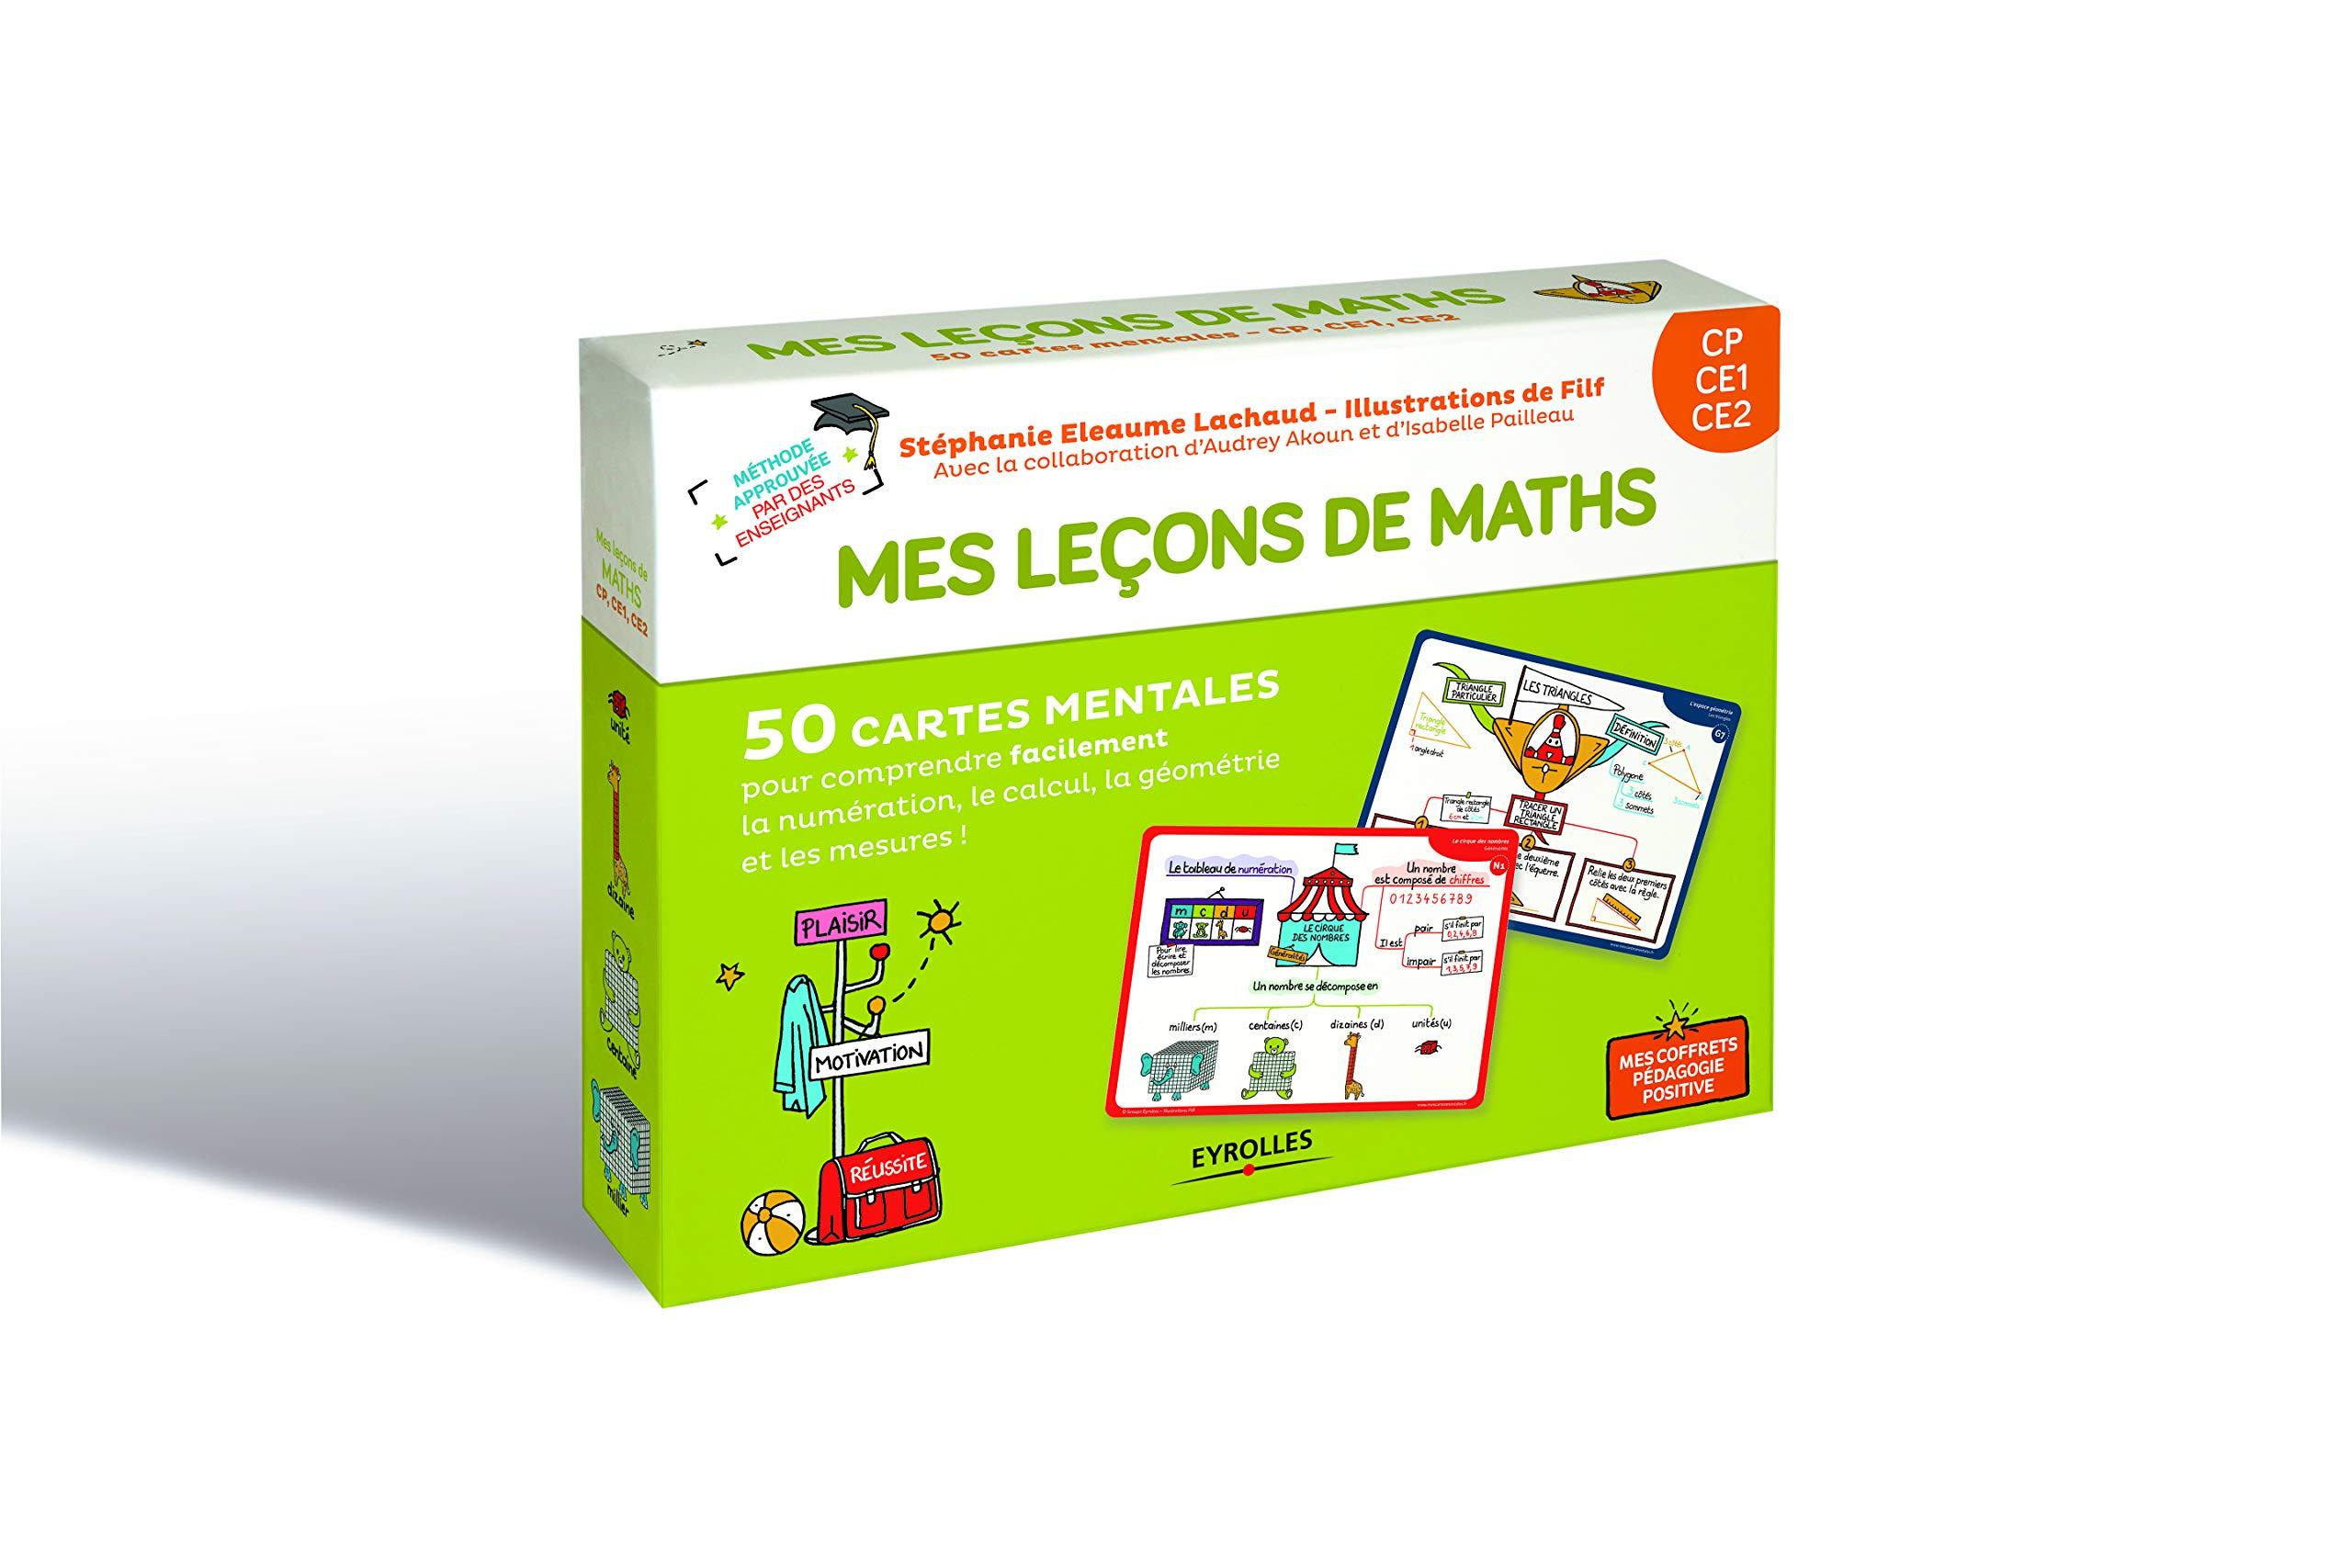 Mes leçons de maths CP, CE1, CE2: 50 cartes mentales pour comprendre facilement la numérotation, le calcul, la géométrie et les mesure